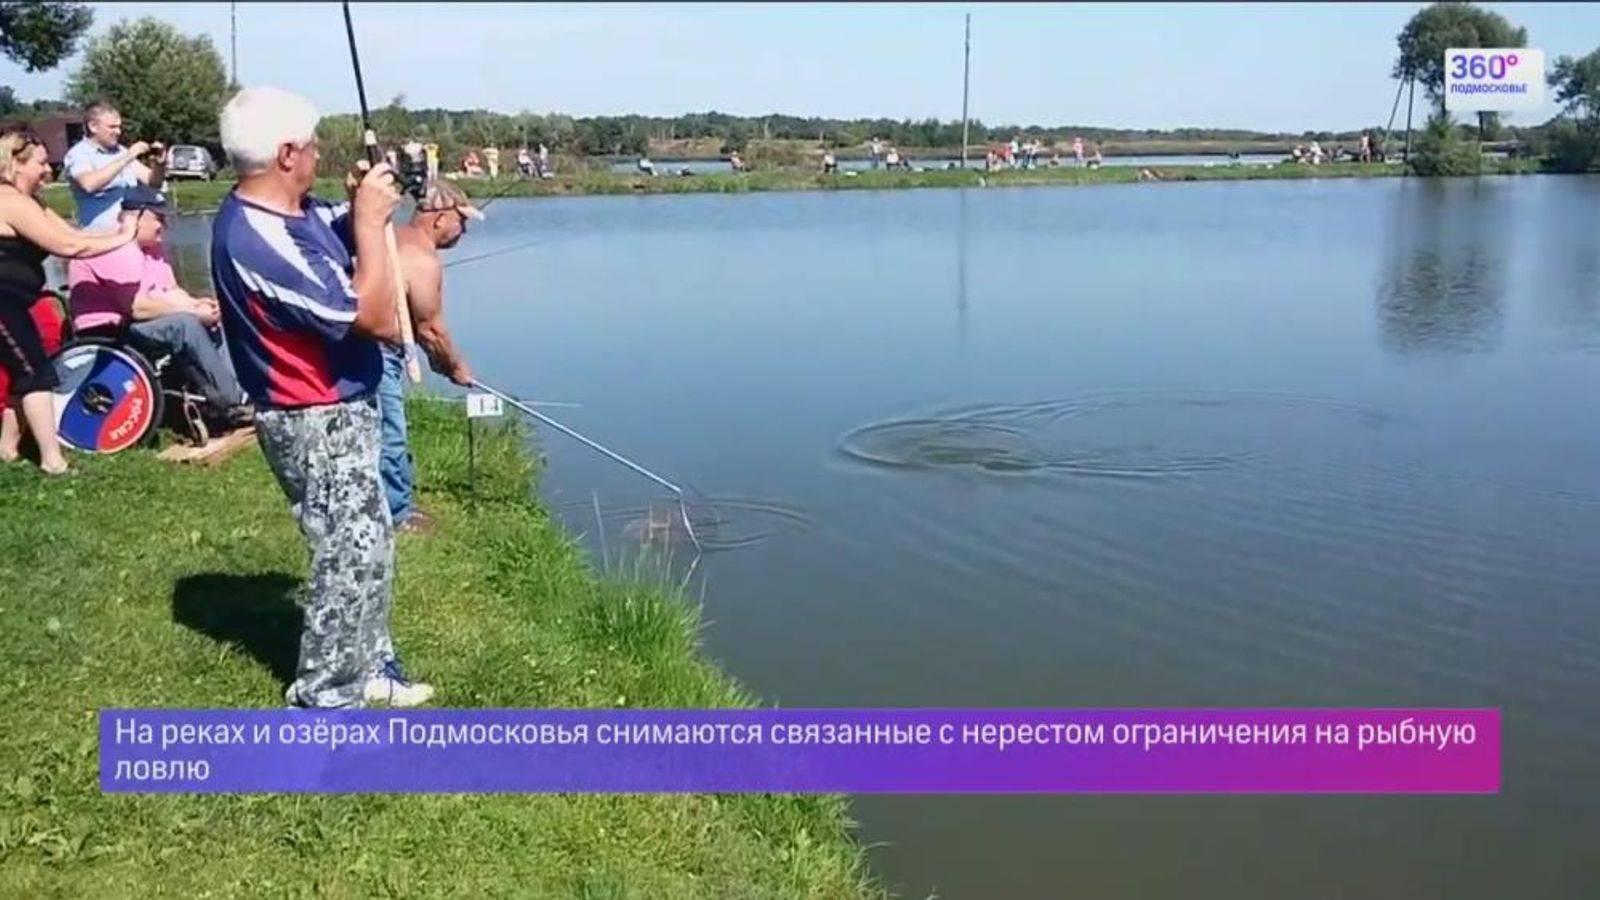 Рыбалка в подмосковье. лучшие места где можно порыбачить в московской области